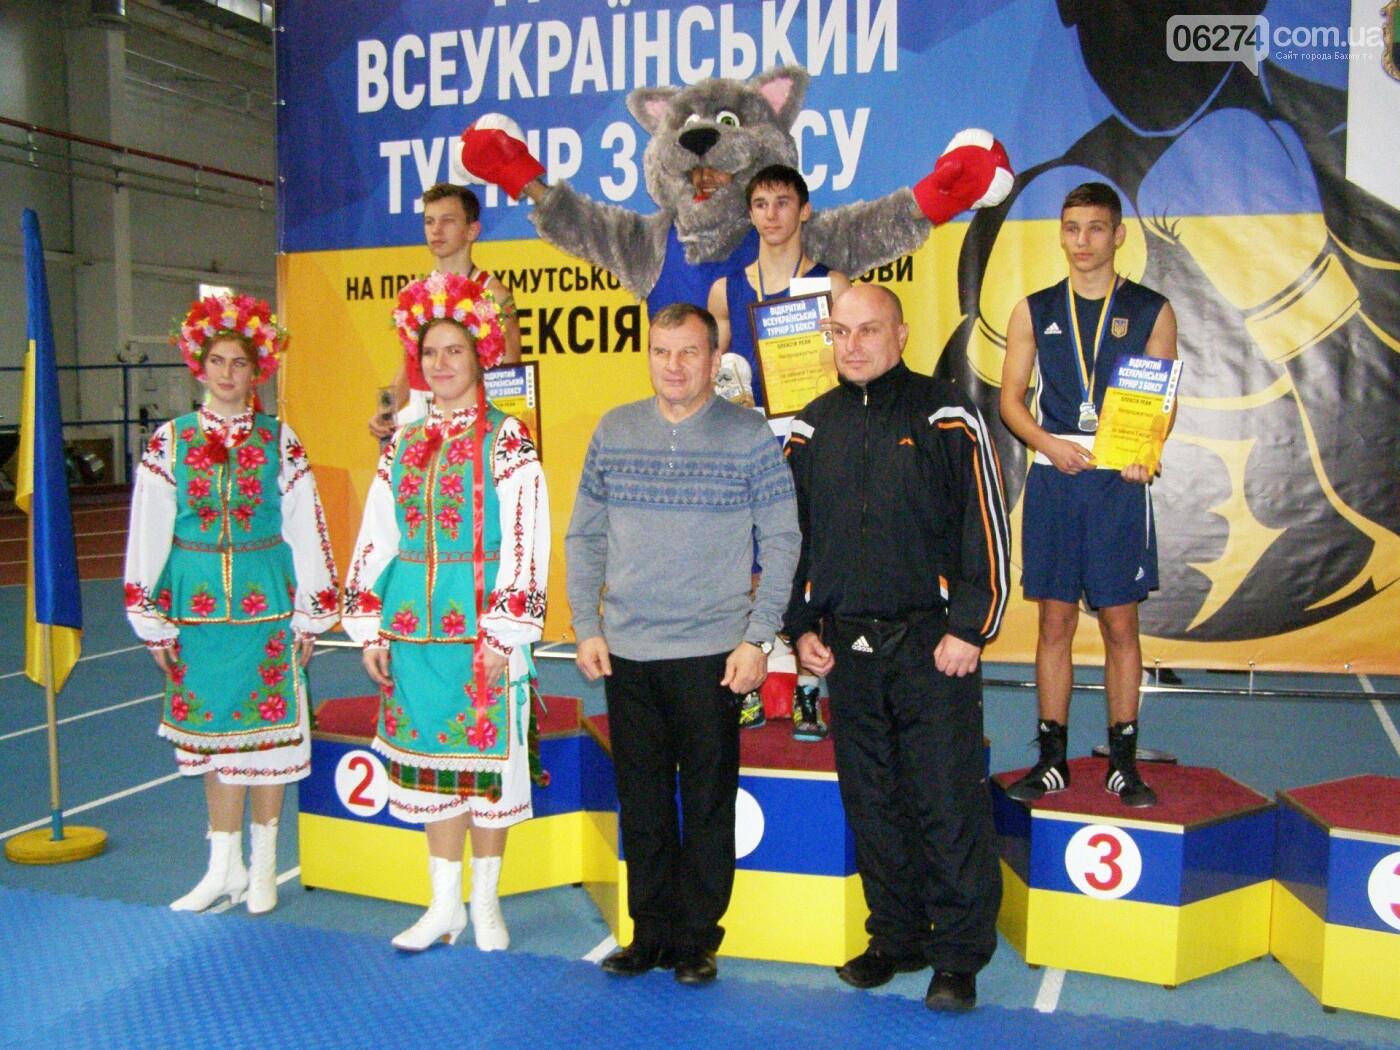 Боксеры Донетчины получили 15 наград всеукраинского турнира среди юниоров в Бахмуте, фото-7